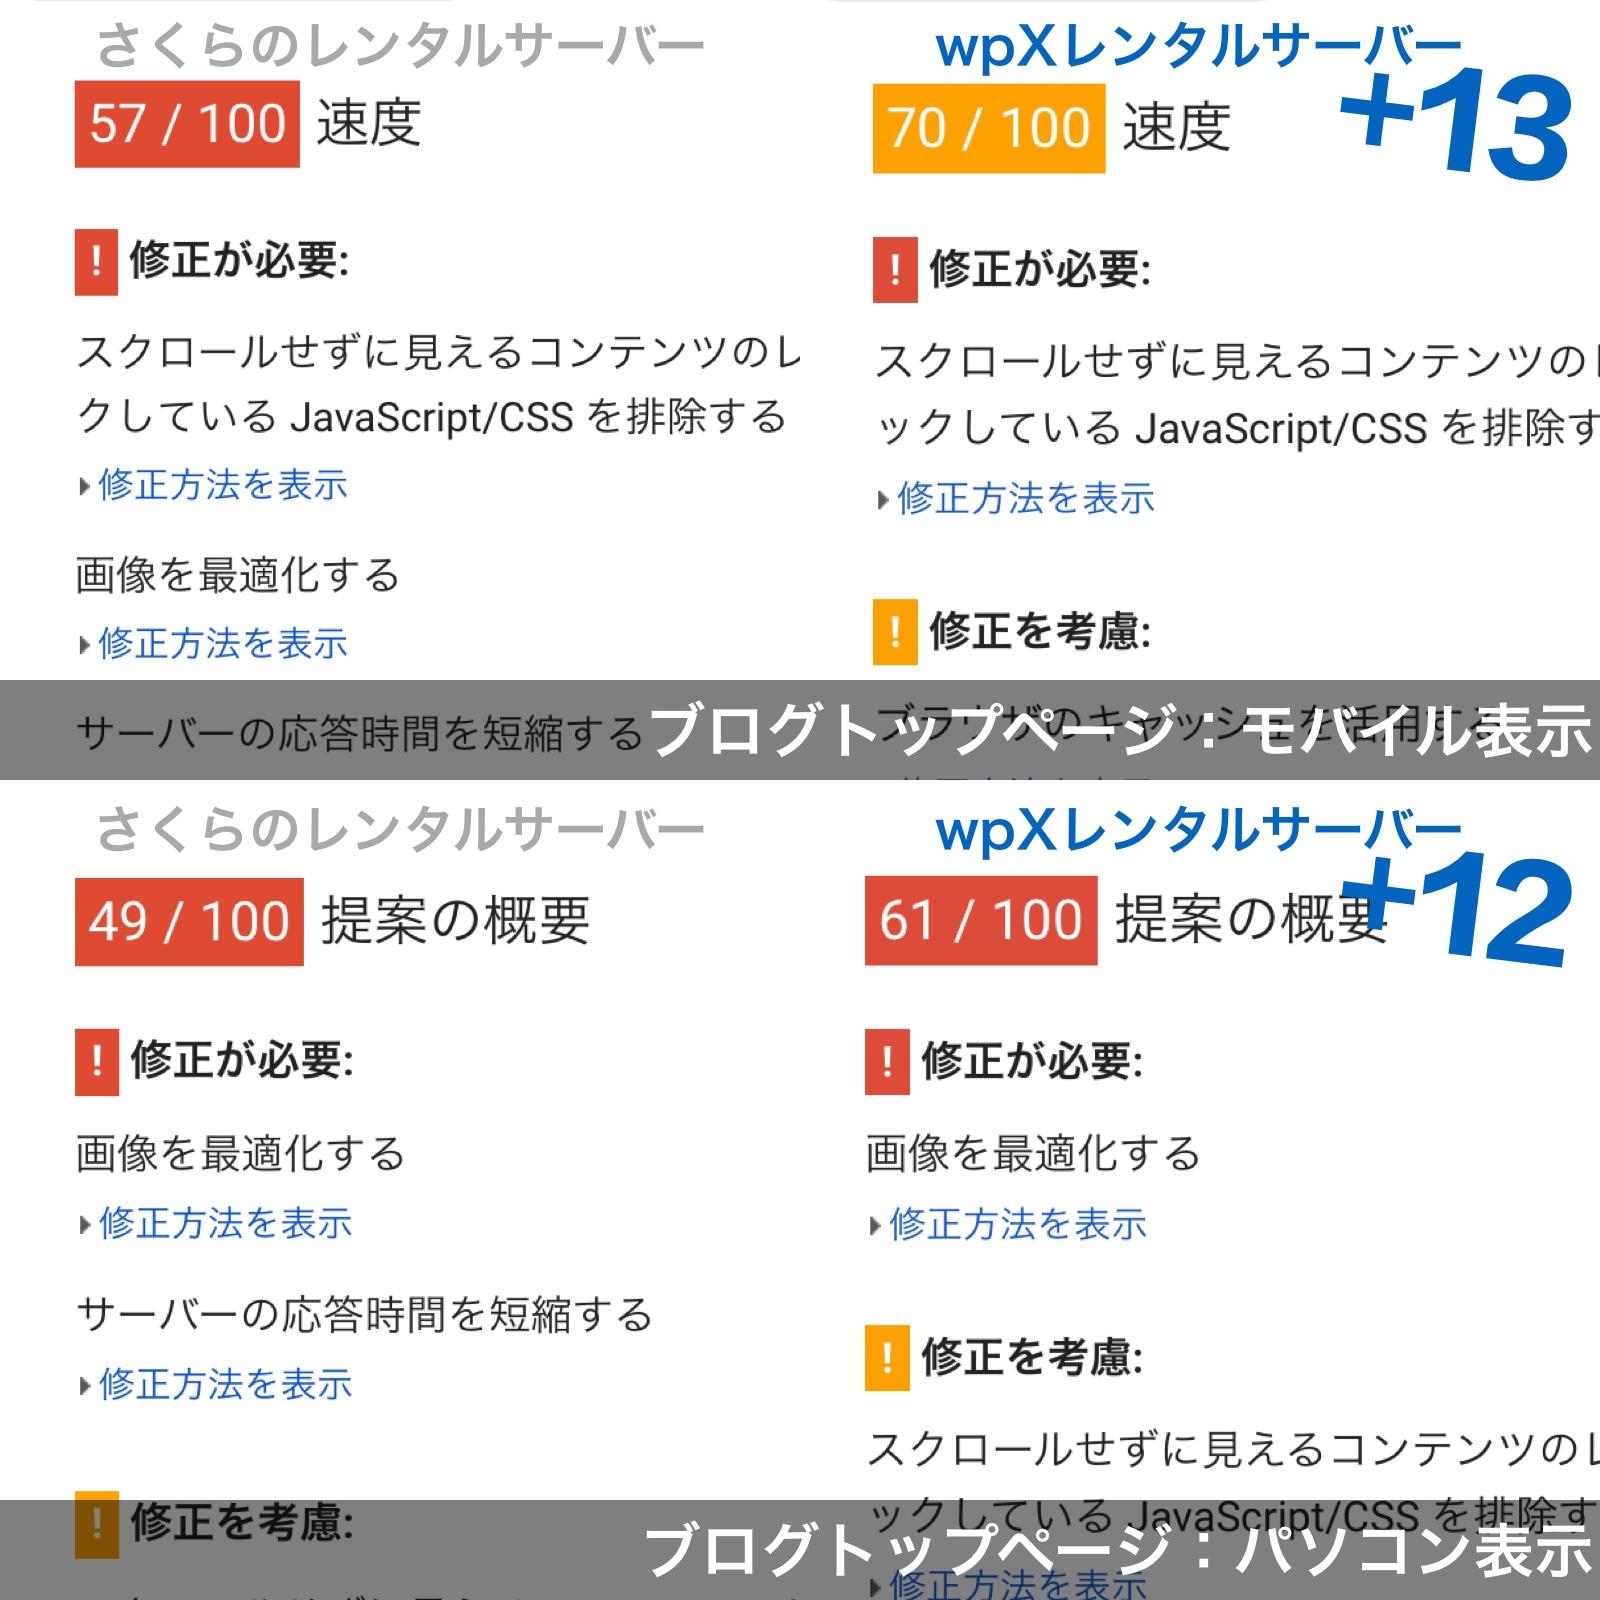 wpXレンタルサーバー PageSpeed Tools スコア